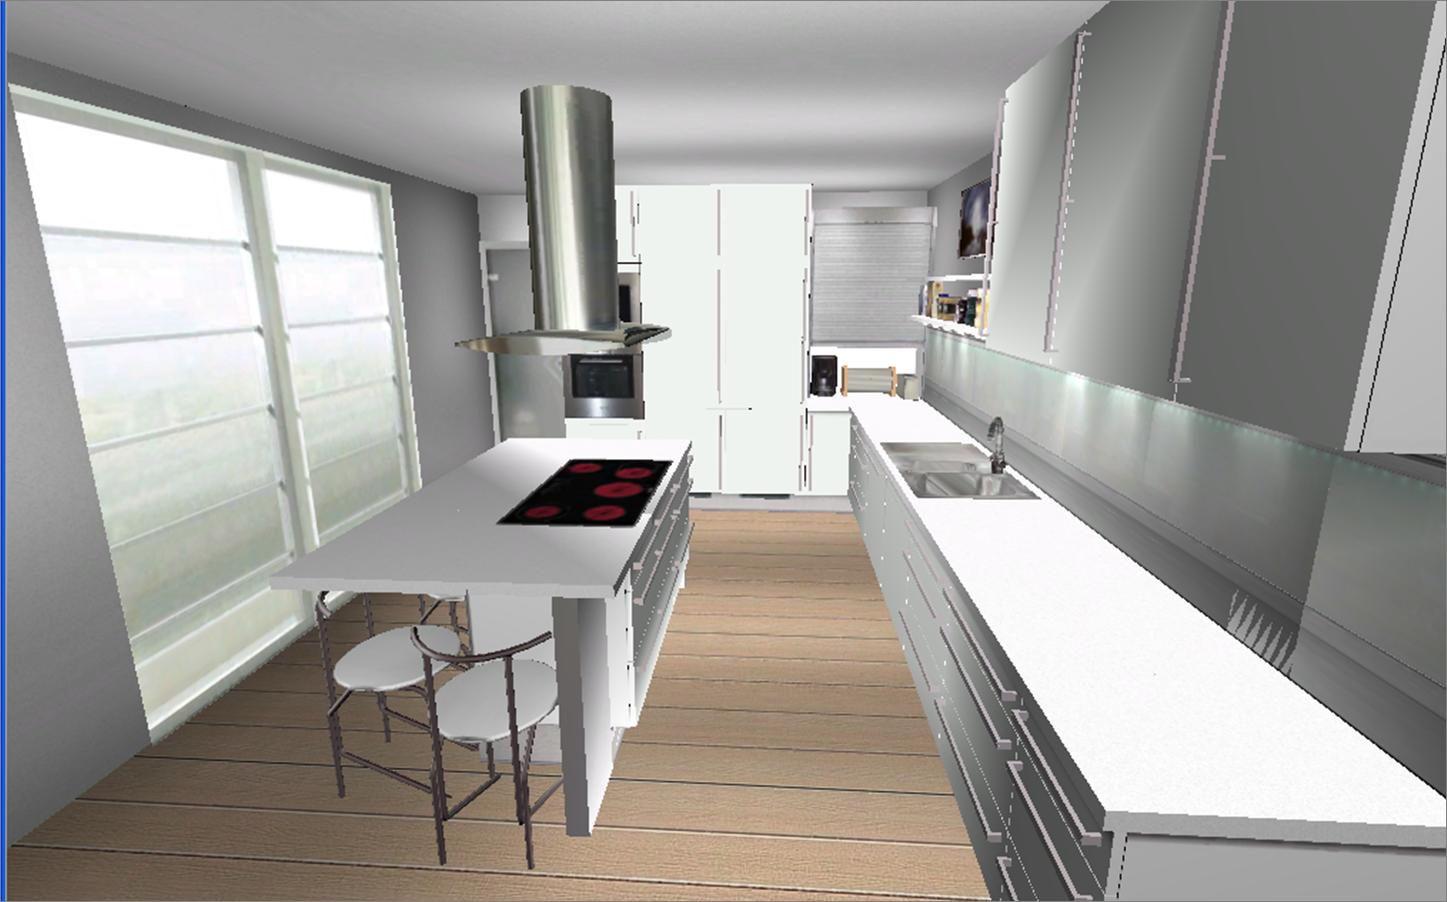 Küchenbudget - Was kriegt man für 20.000 Euro | Küchenausstattung ...